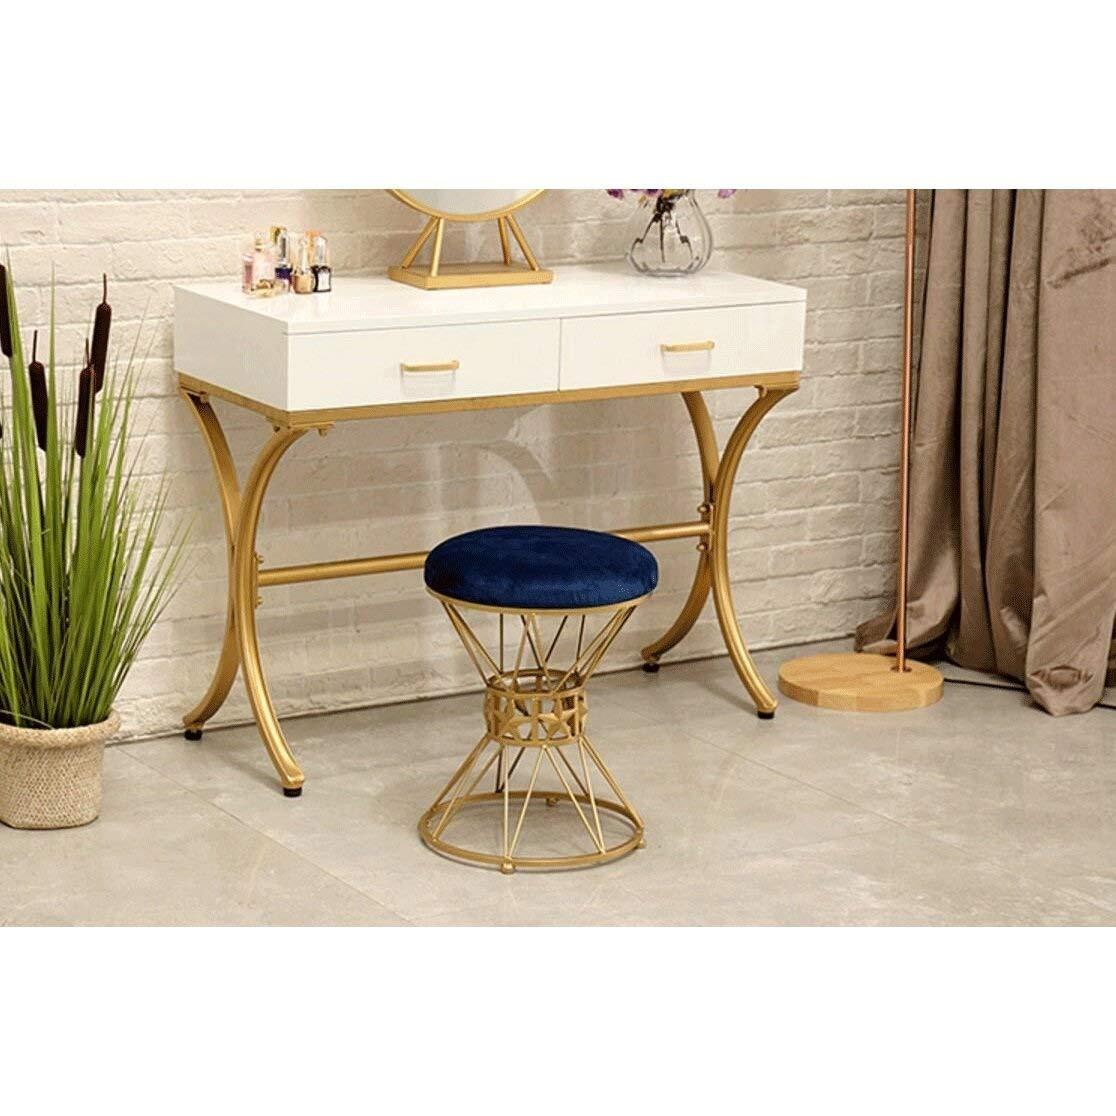 FANGQIAO SHOP-stol pallar mode makeup klädsel sovrum prinsessstol sko bänk matstol stol stol 7.22 (färg: F) c